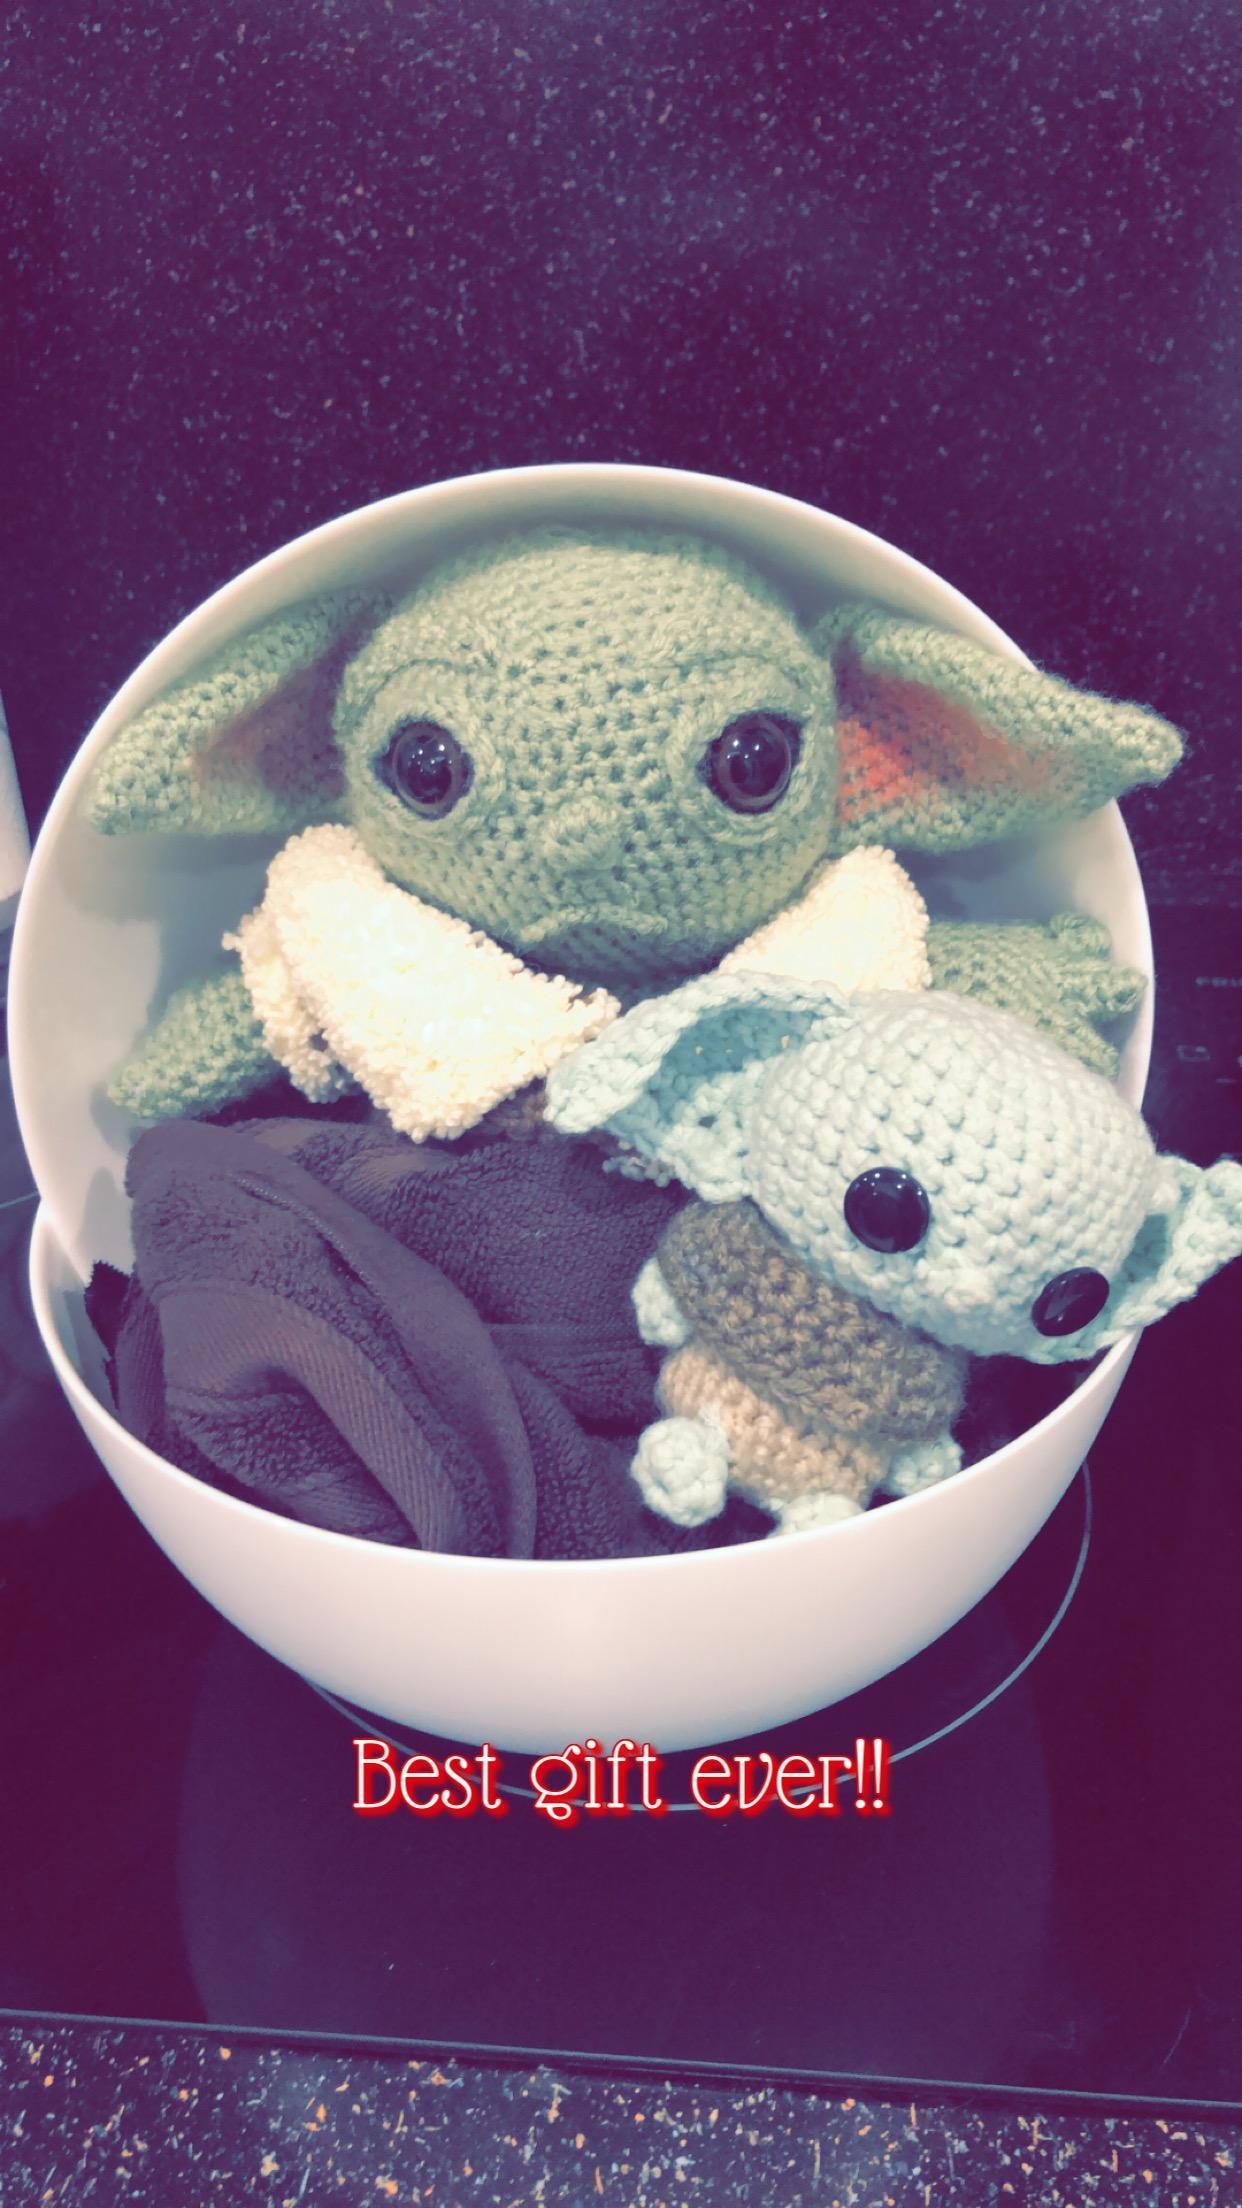 I love Baby Yoda!